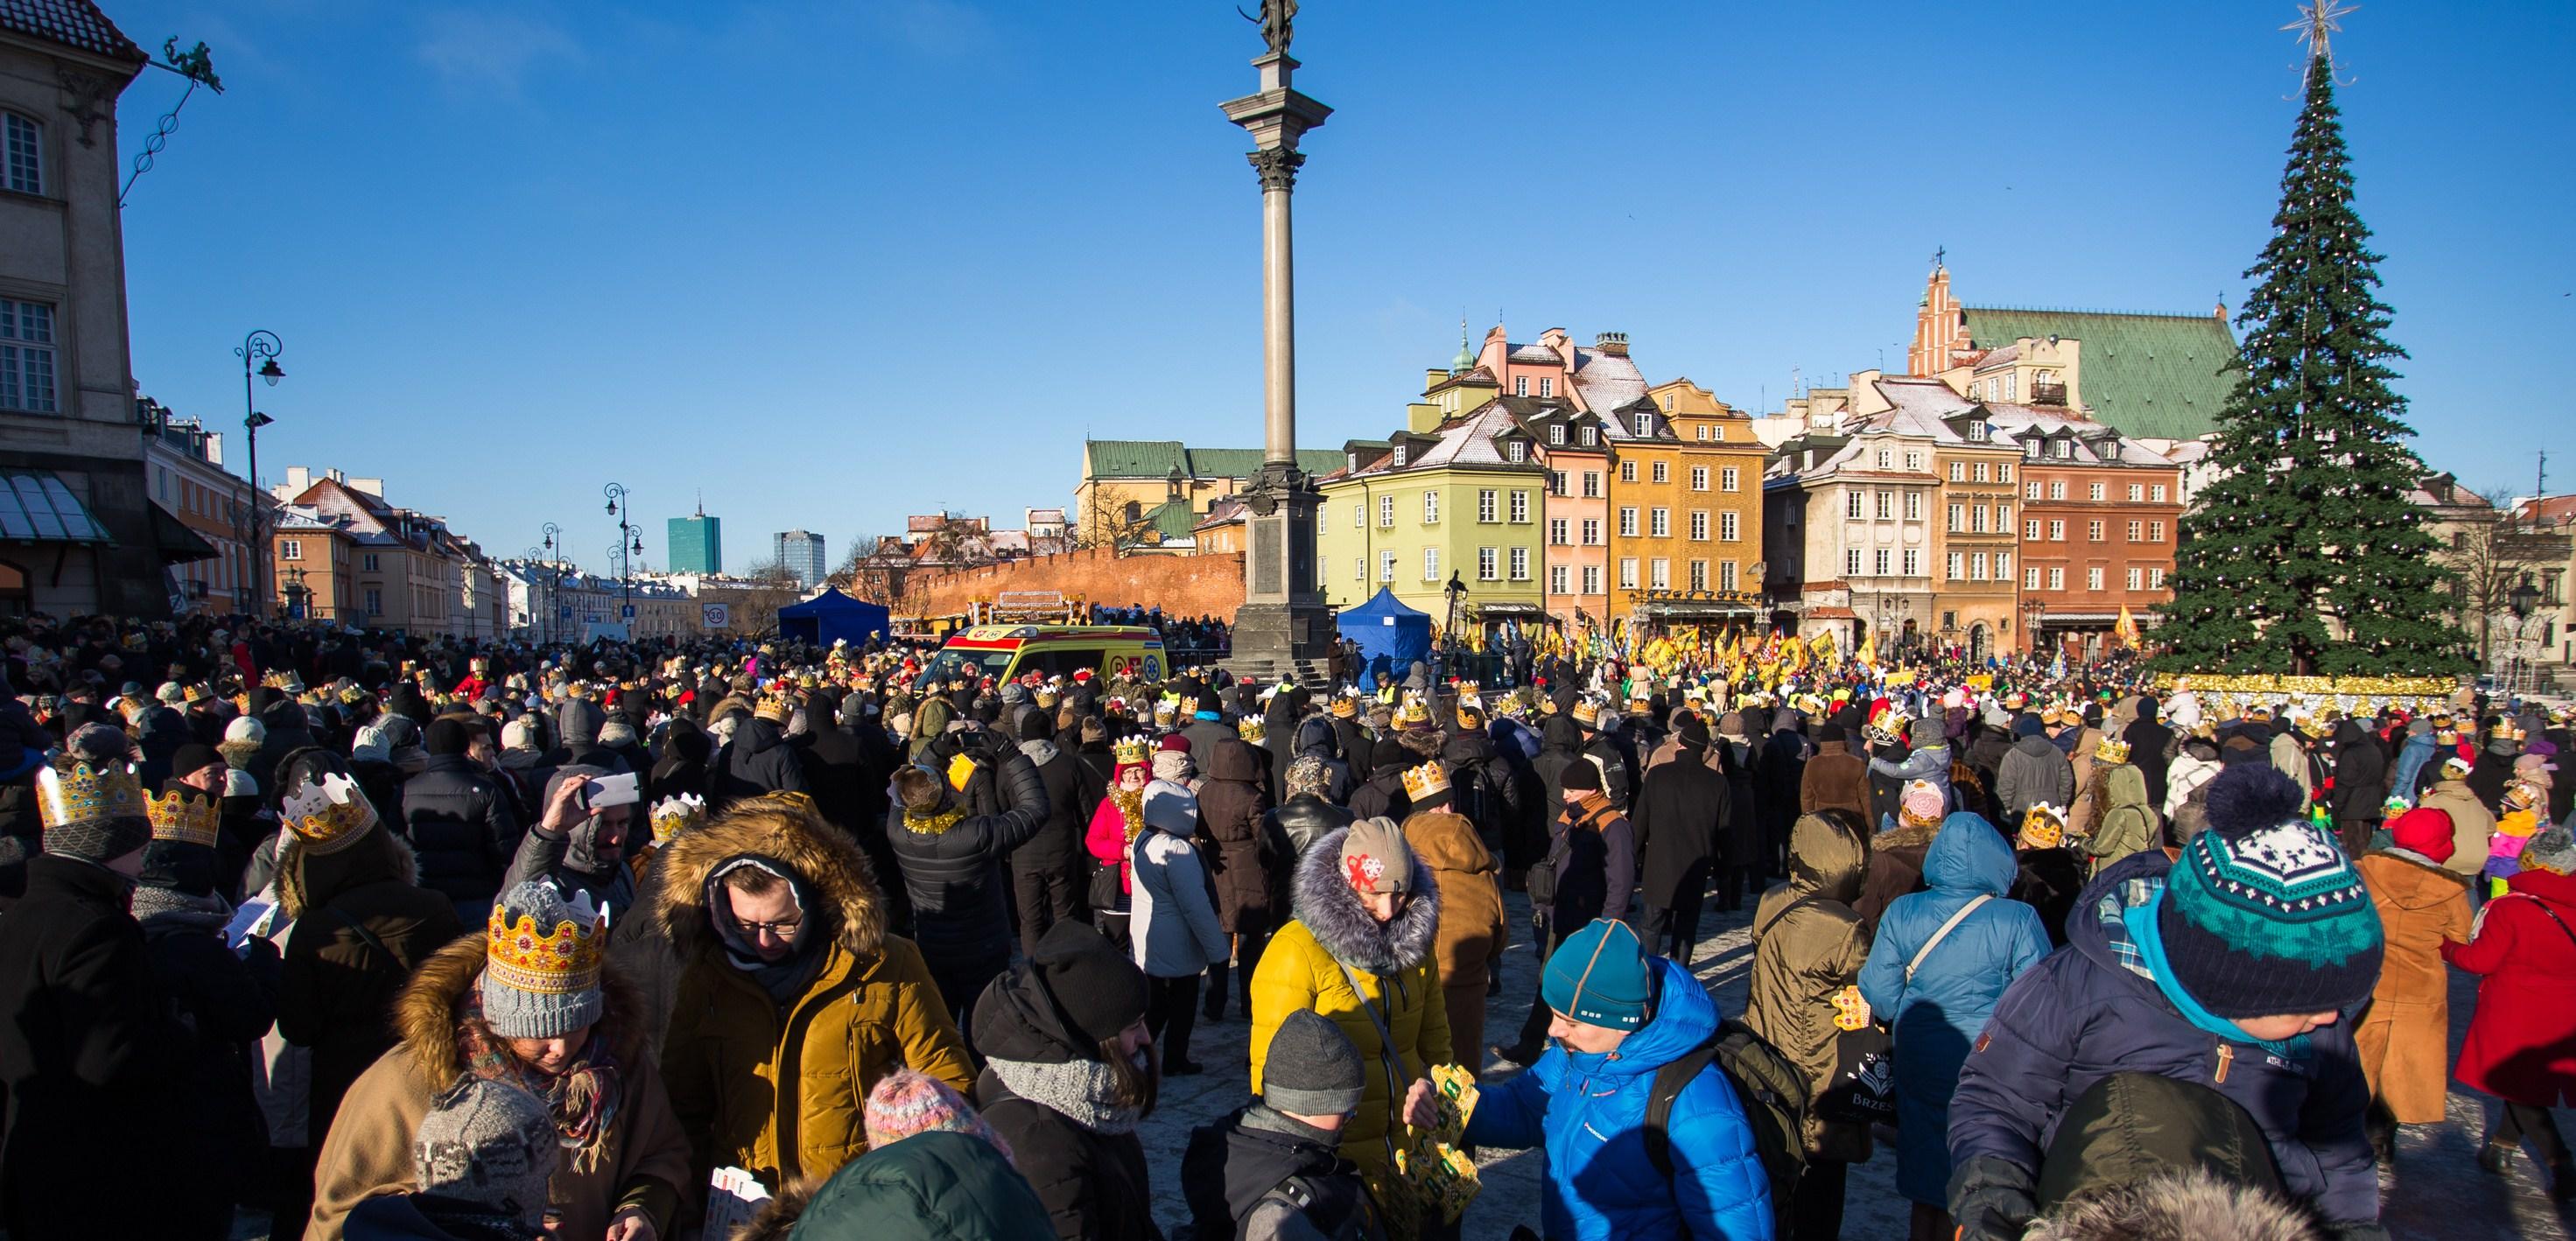 Orszak Trzech Króli w Warszawie. Traktem Królewskim szło tysiące ludzi